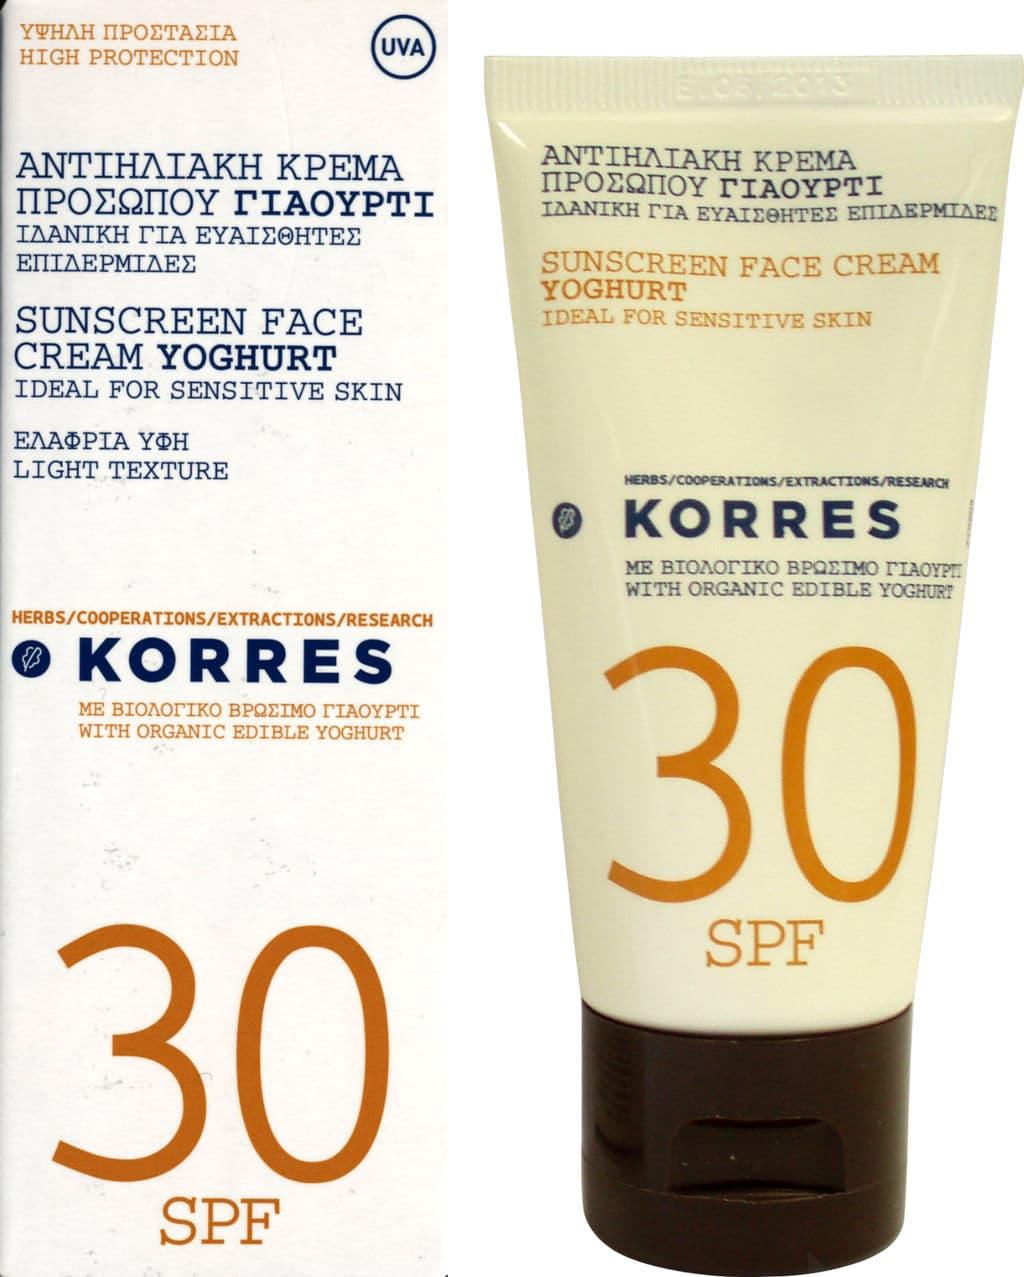 【fullsize】350dpi_KORRES_sunscreen_face_spf30